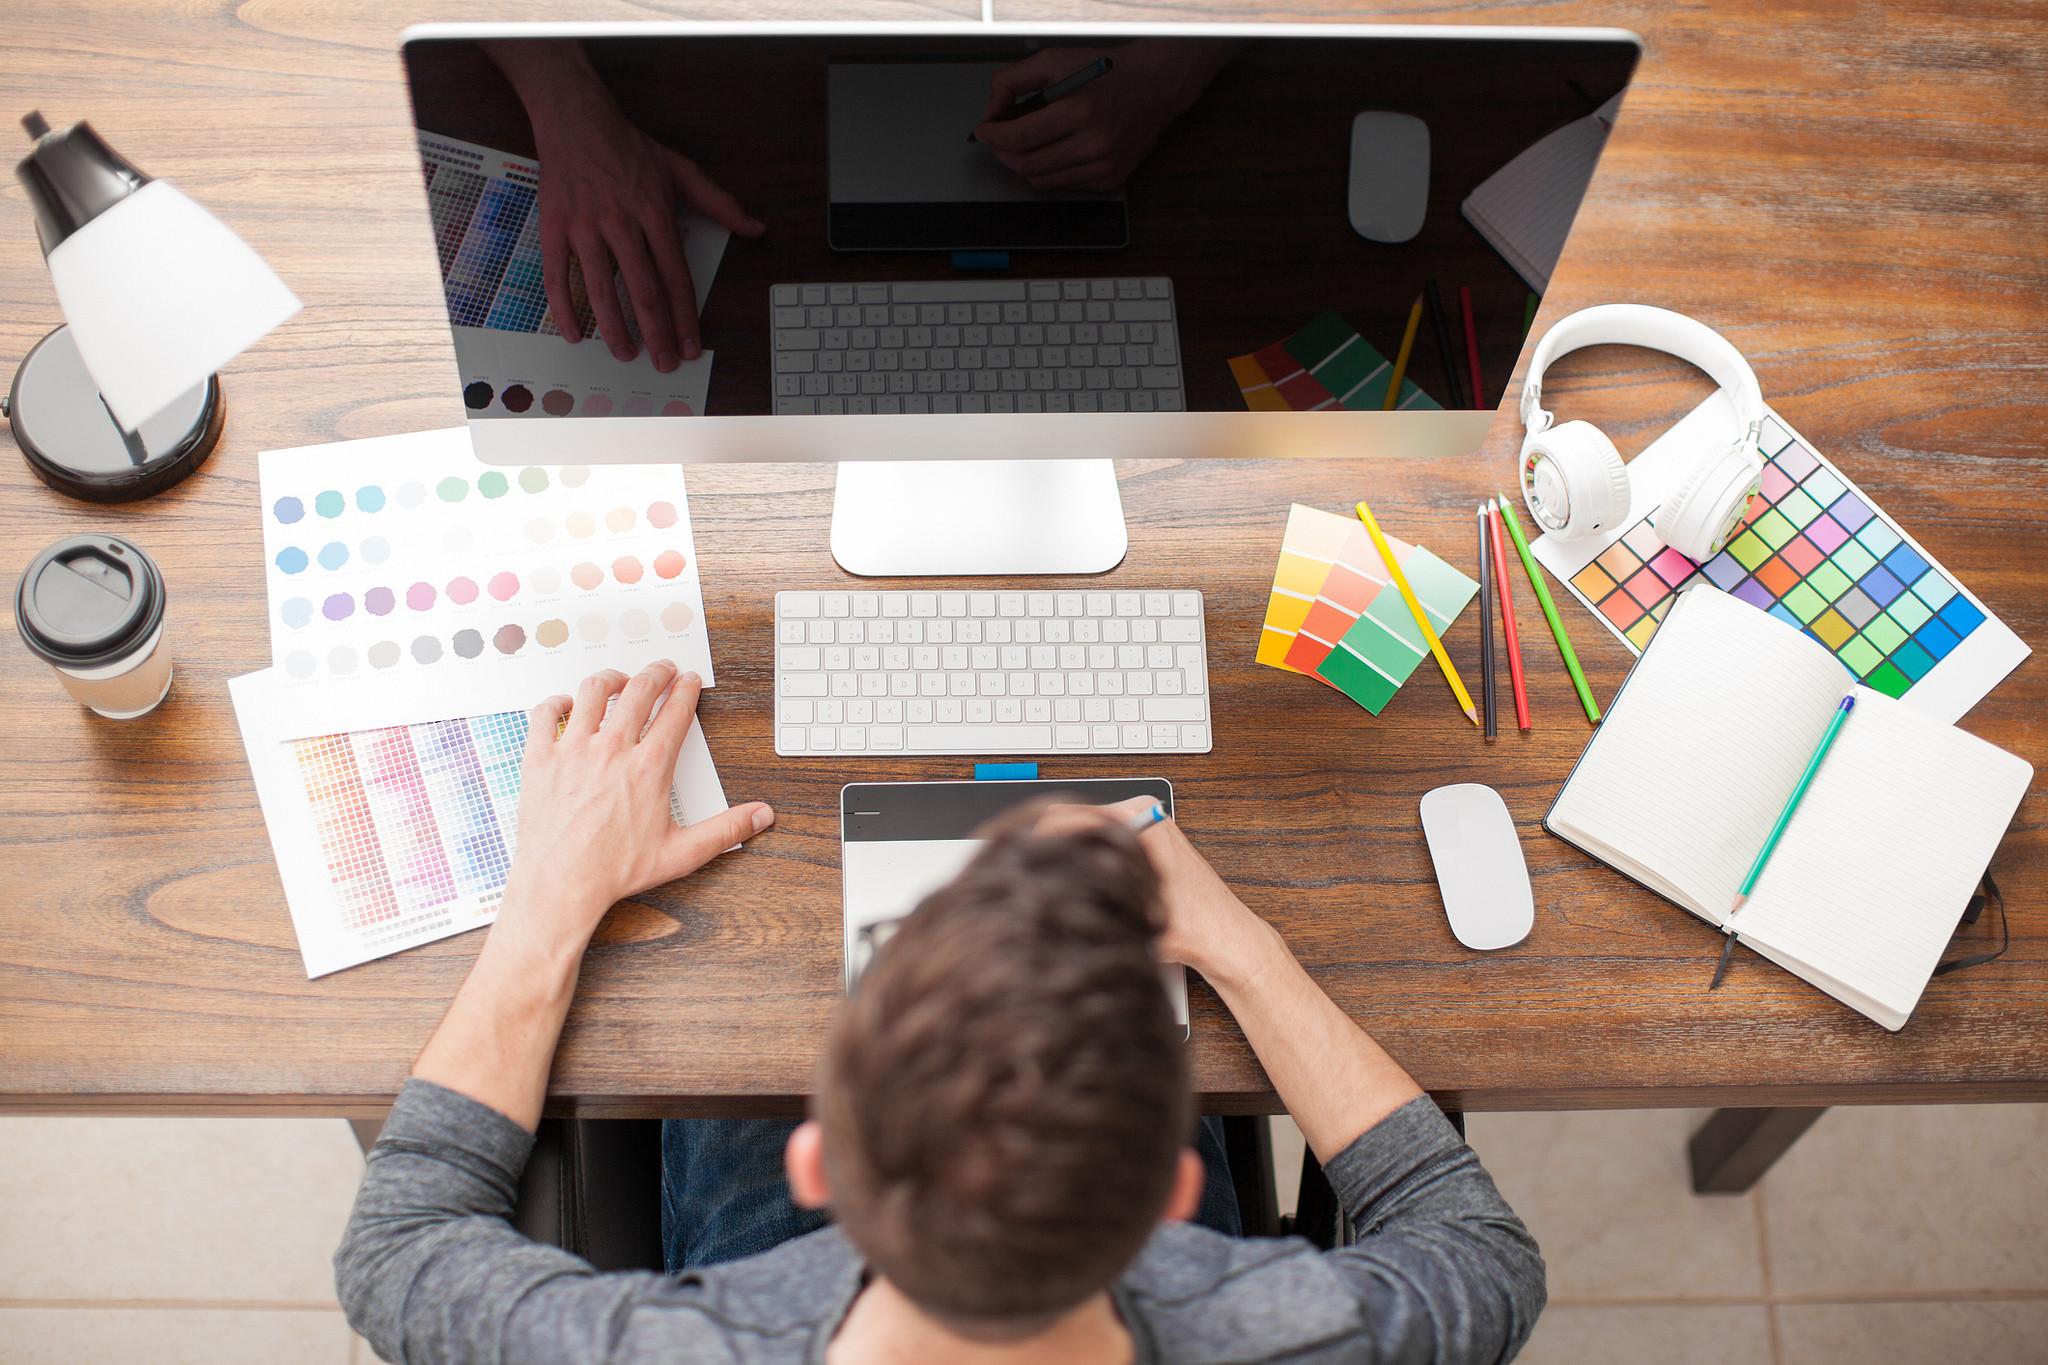 El truco para mejorar tu concentración y productividad mientras trabajas en la computadora